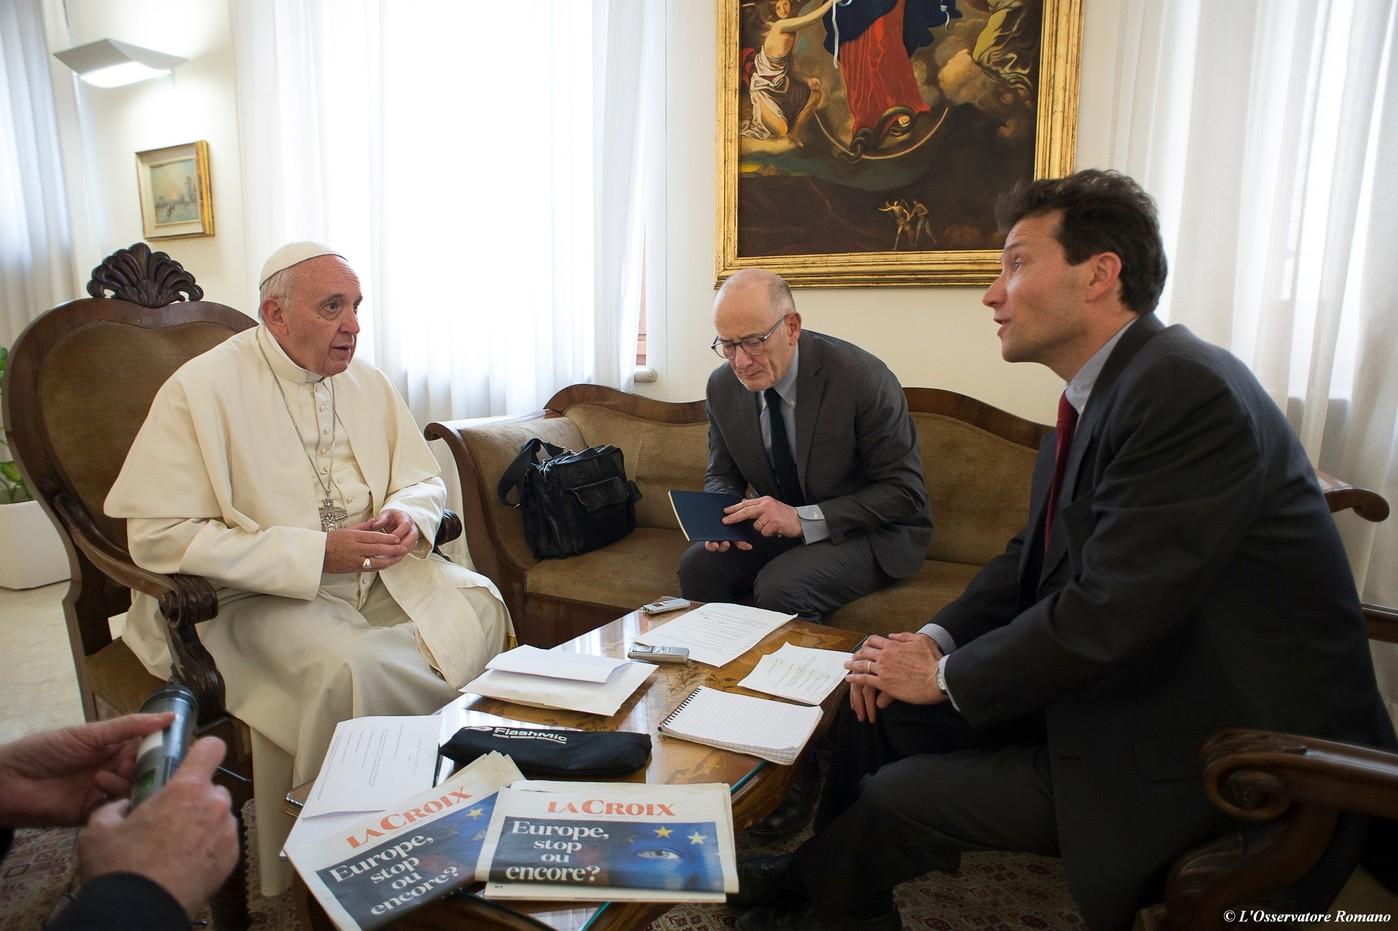 Интервью Папы Франциска католической газете «La Croix»